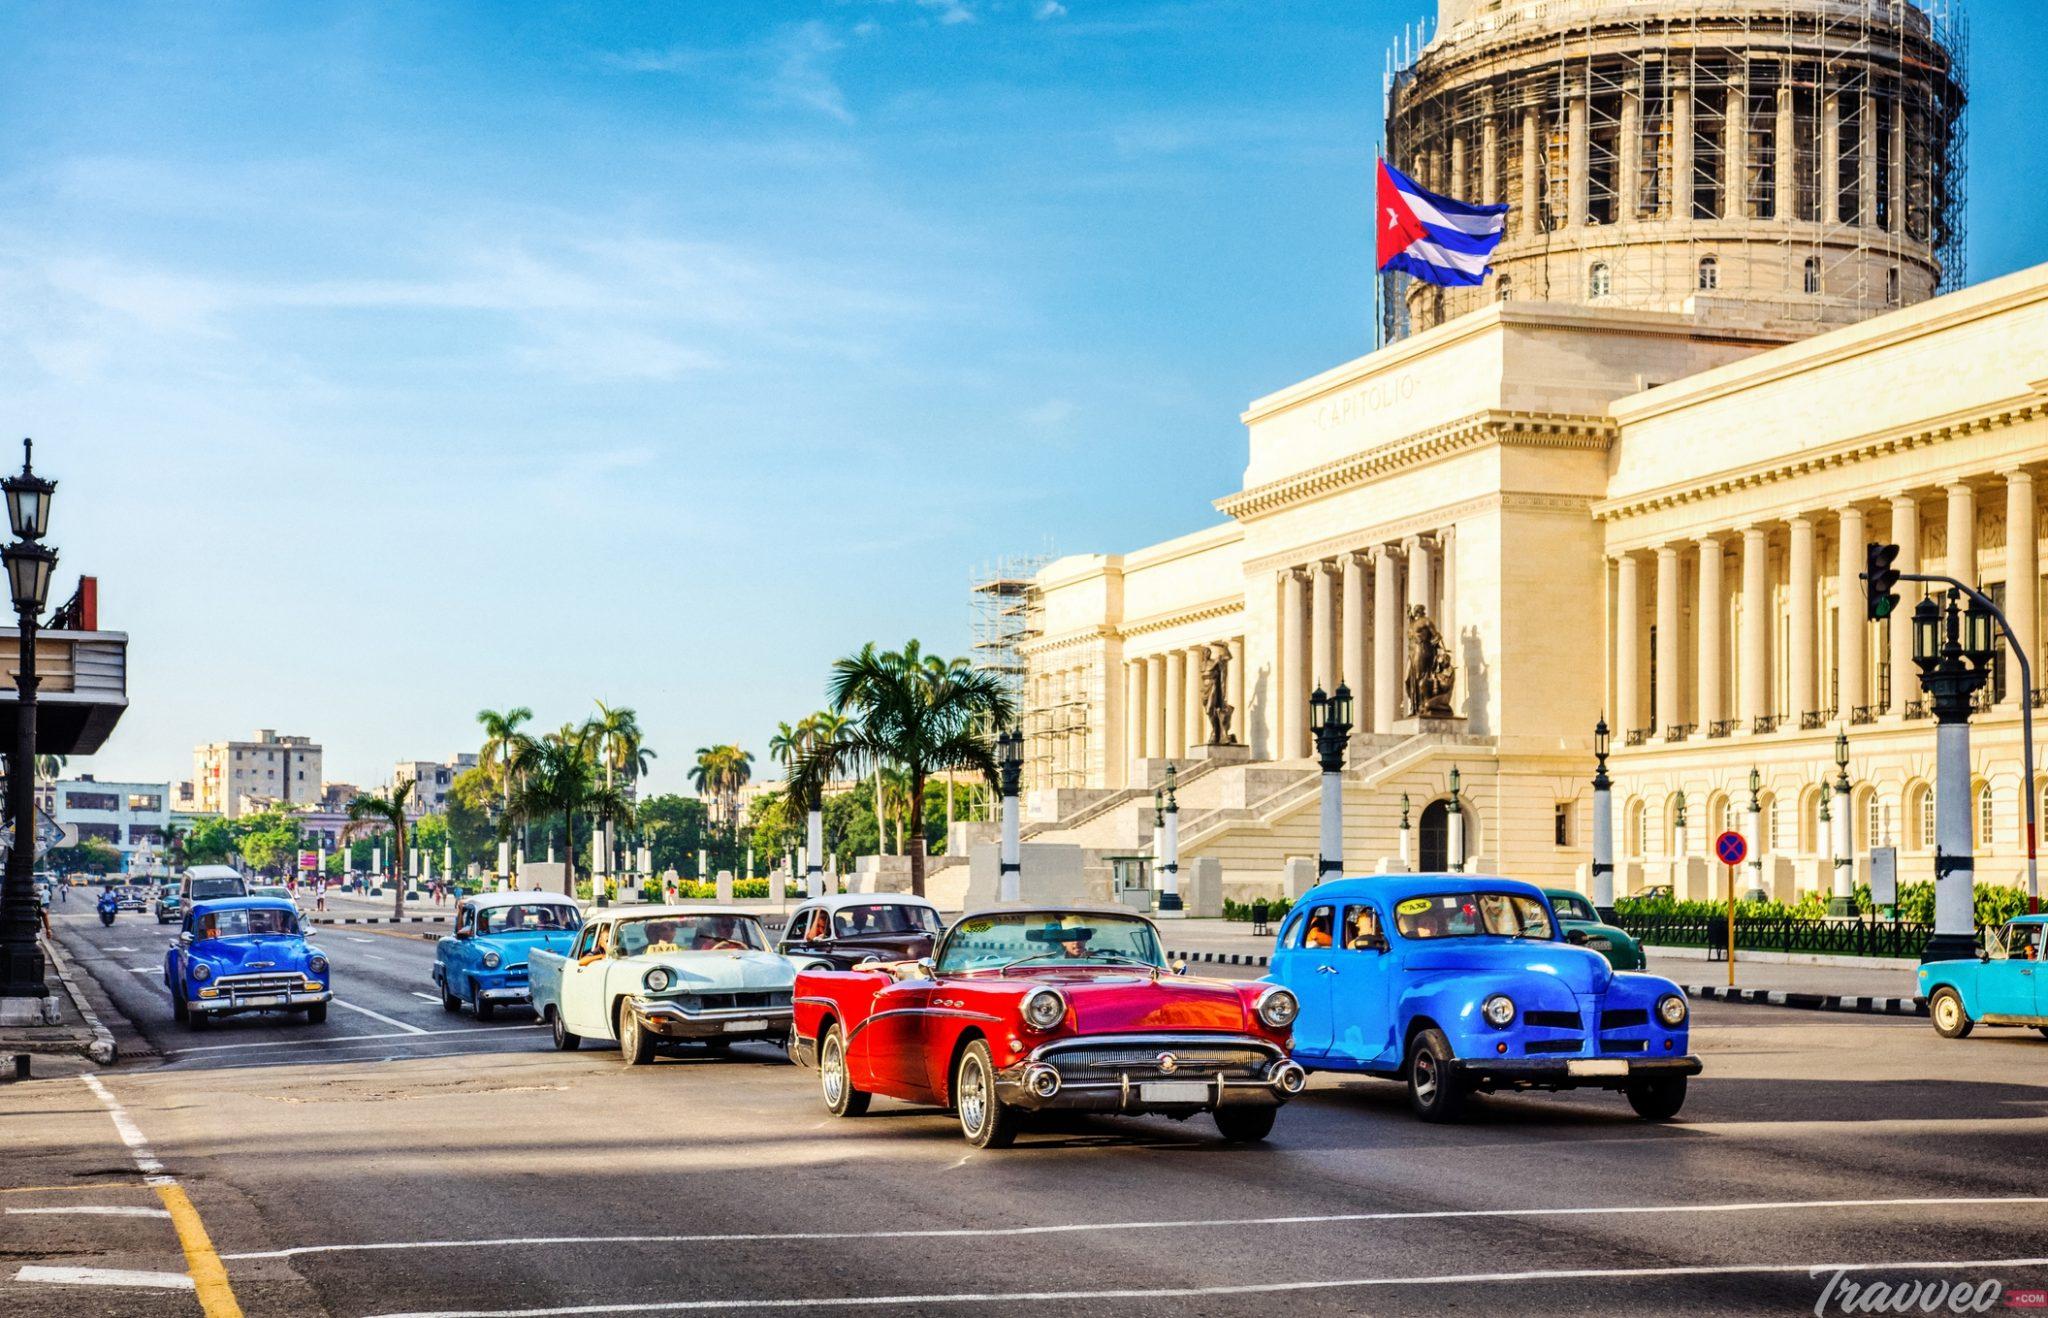 فنادق هافانا المميزة